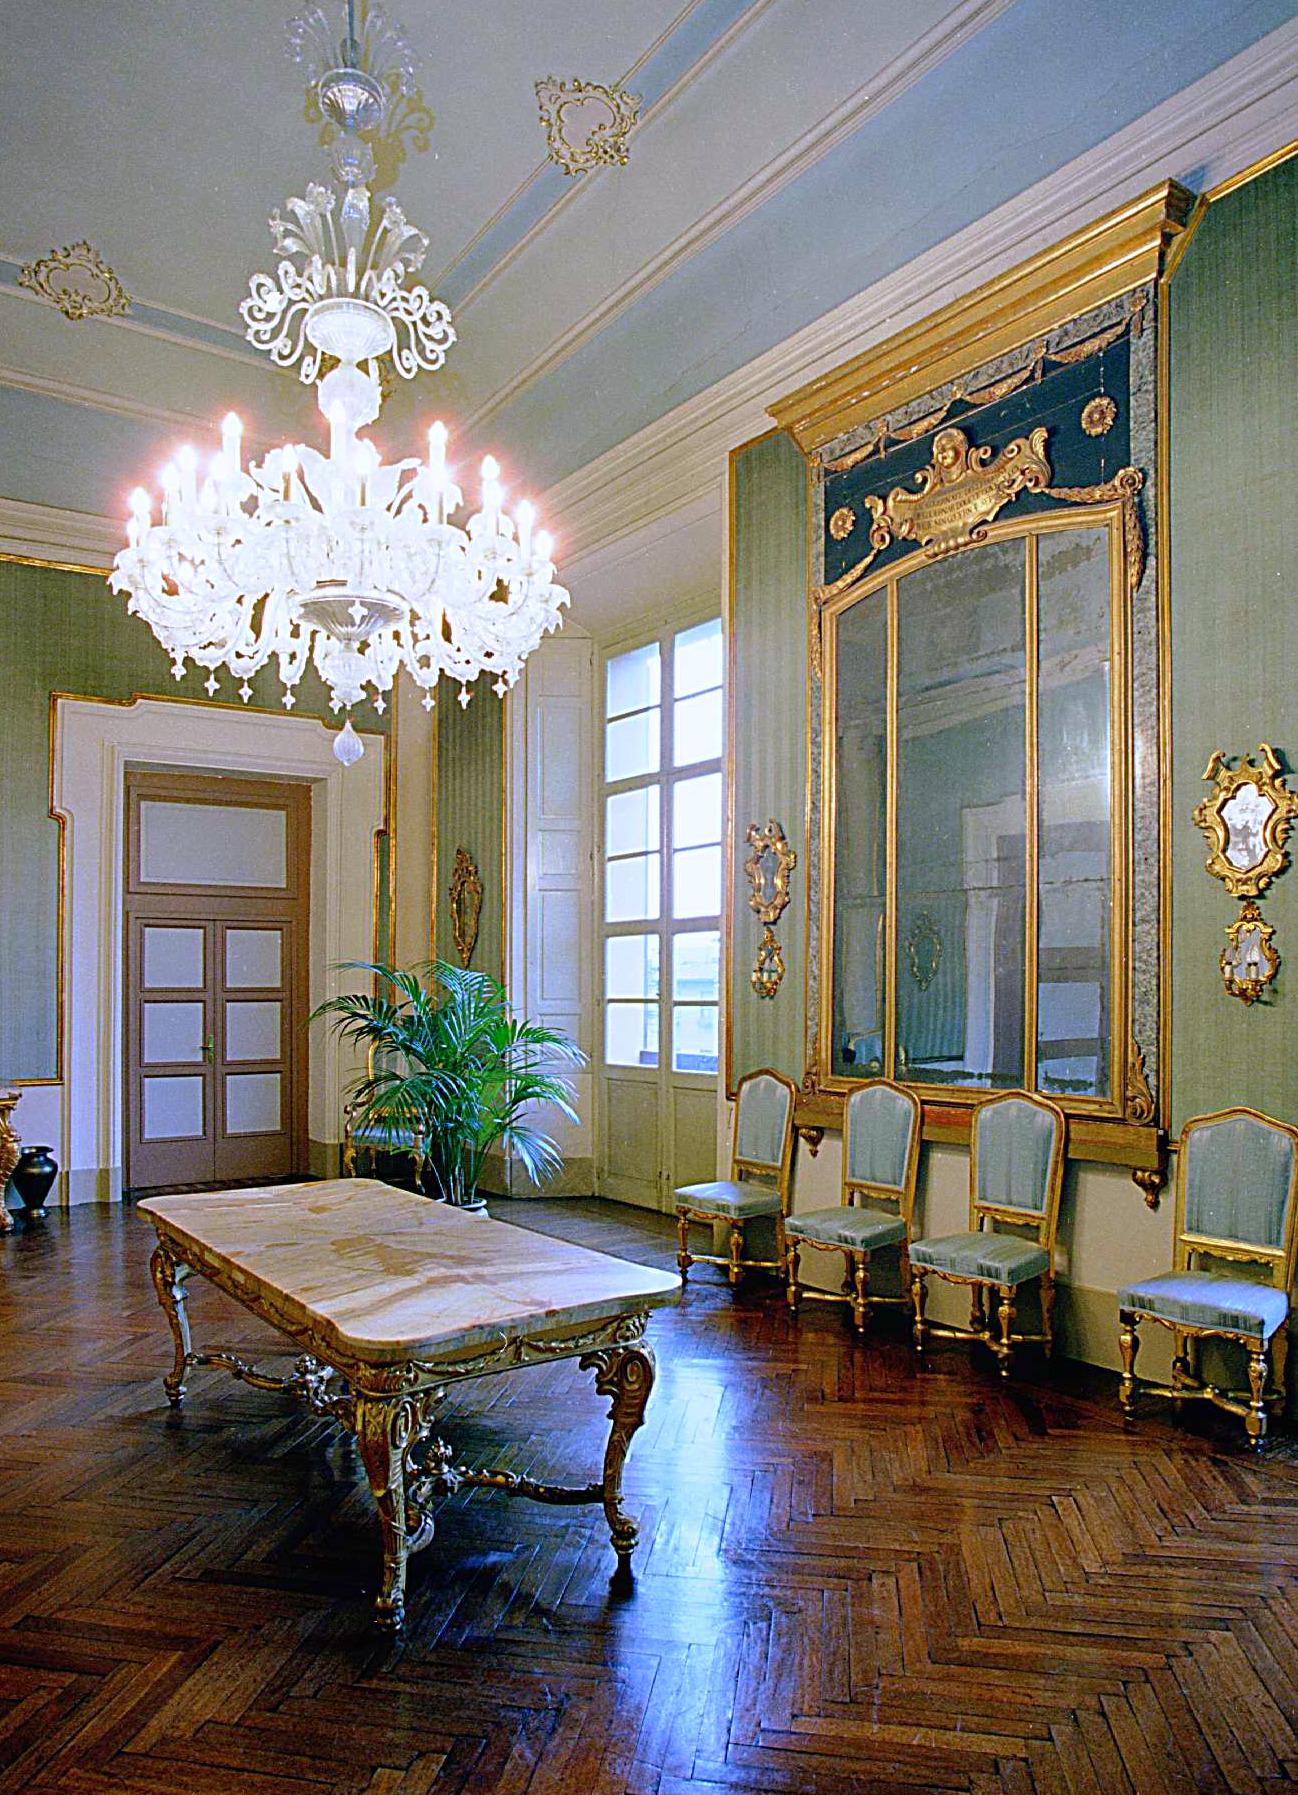 Centro convenienza divani - Specchi bagno roma ...